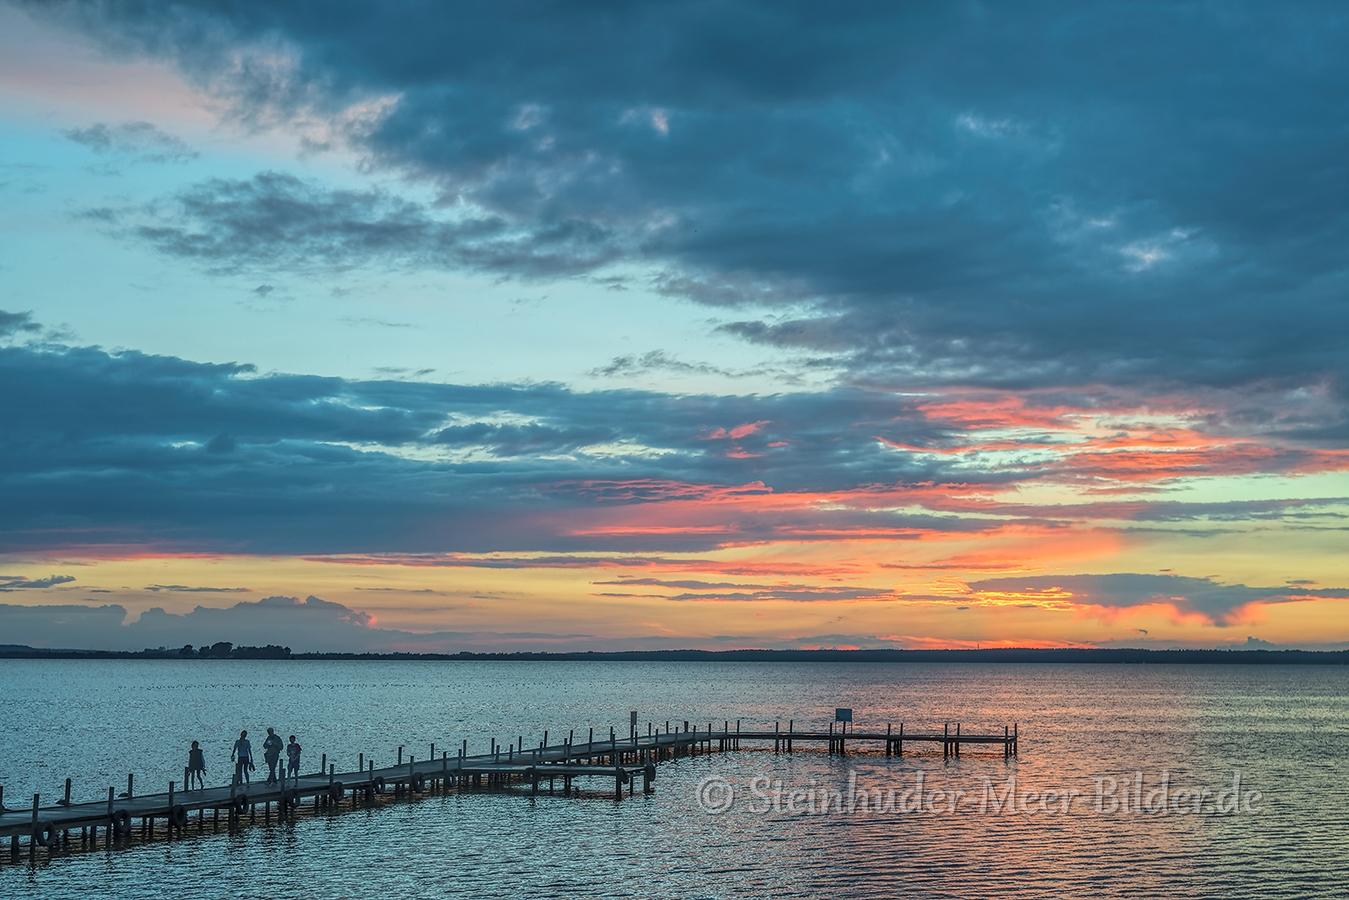 Abendrot-Wolken-Wolkenhimmel-Sonnenuntergang-Abendhimmel-Daemmerung-Abendstimmung-Abendlicht-Steinhuder Meer-A_NIK500_1140